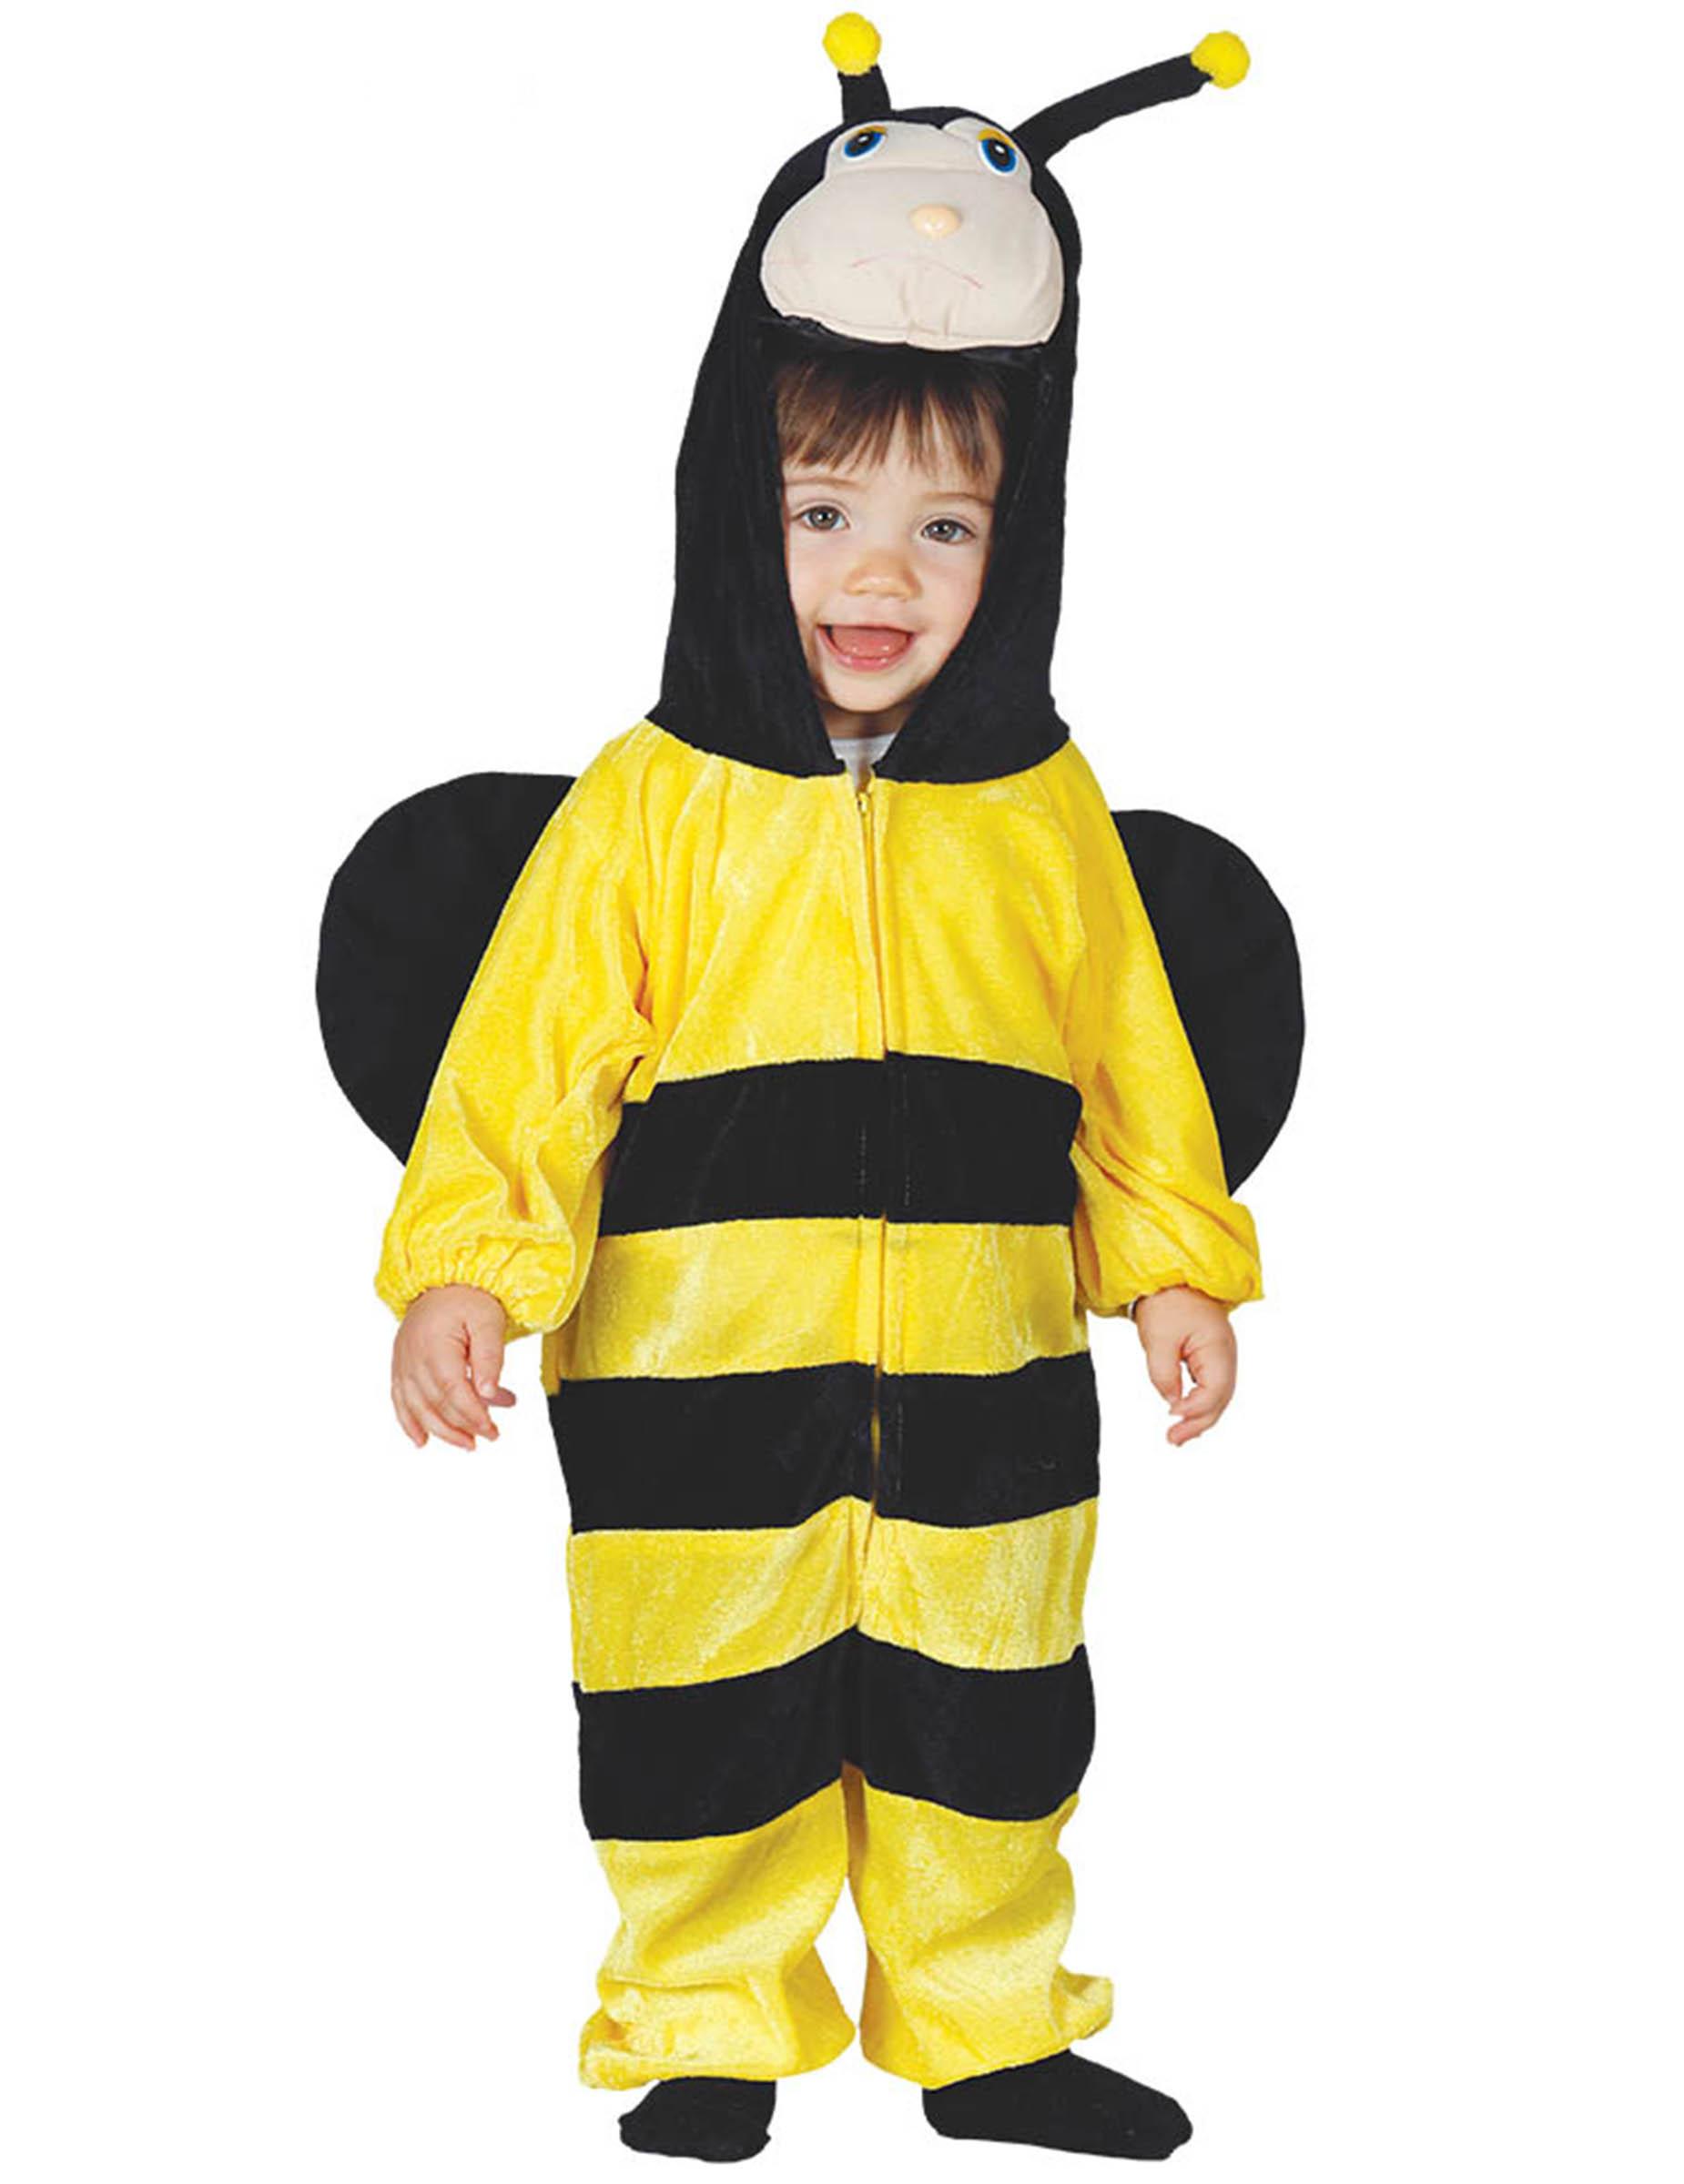 Bienen Kostum Fur Kinder Tier Kostum Gelb Schwarz Gunstige